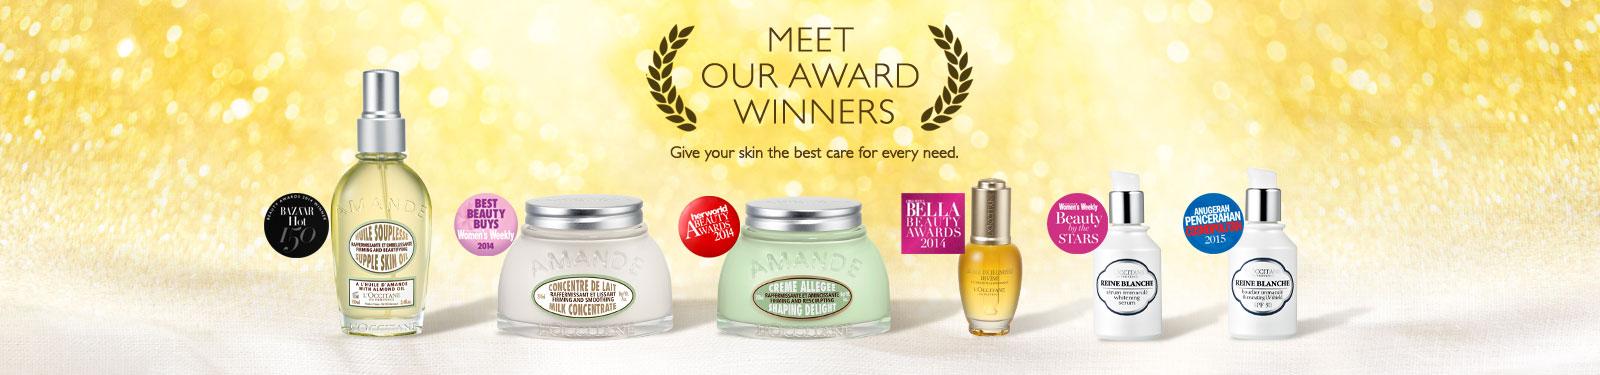 Meet our award winners